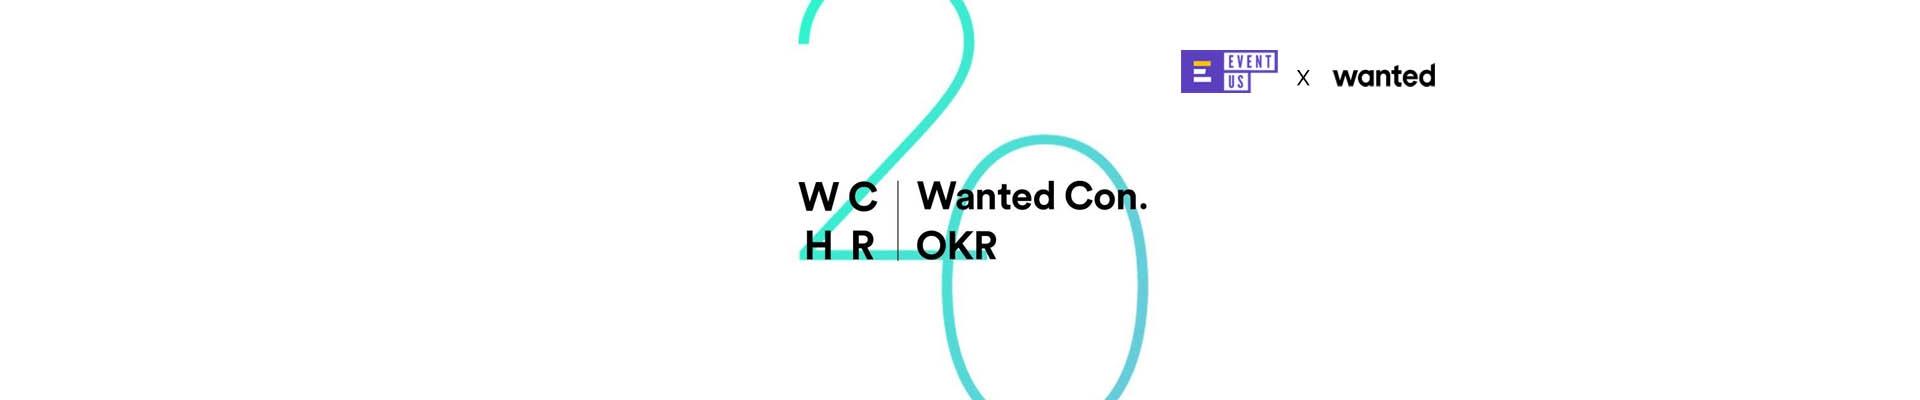 이벤터스_이벤터스 회원들을 위해 이벤터스와 원티드가 WCHR : OKR 특별 초대권을 배포합니다. OKR 도입을 준비 중인 인사담당자(HR), 대표(CEO), OKR에 관심 있는 이벤터스 회원 누구나 응모할 수 있습니다.